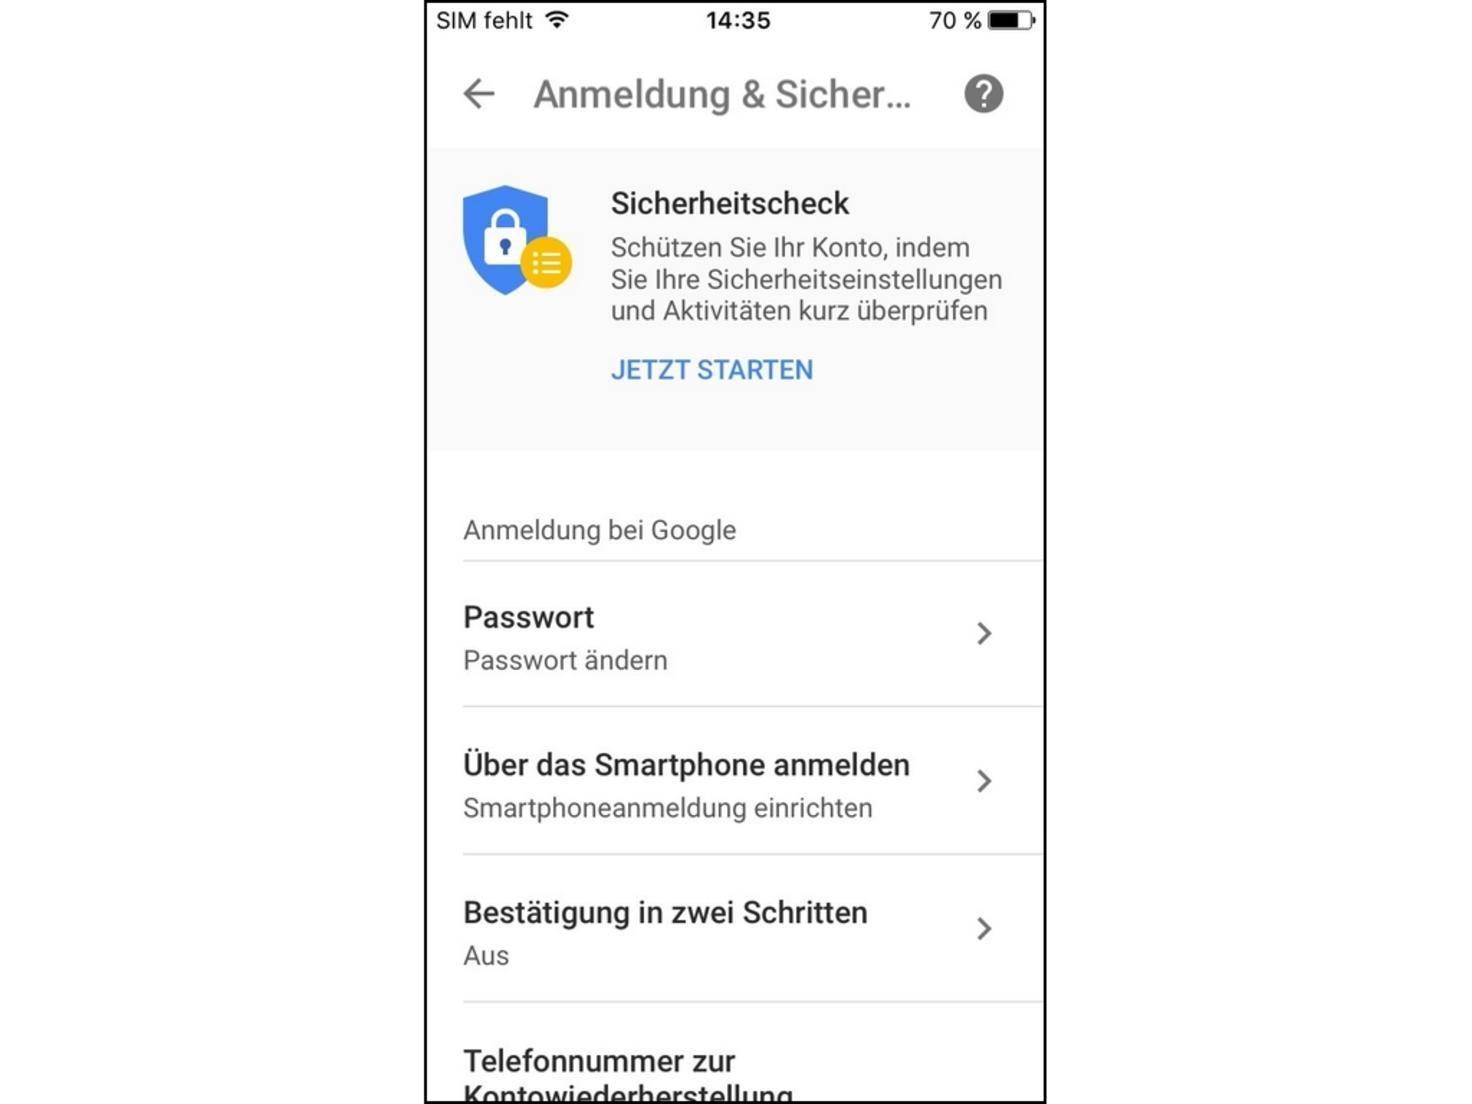 """Anschließend wählst Du den Eintrag """"Über das Smartphone anmelden""""."""